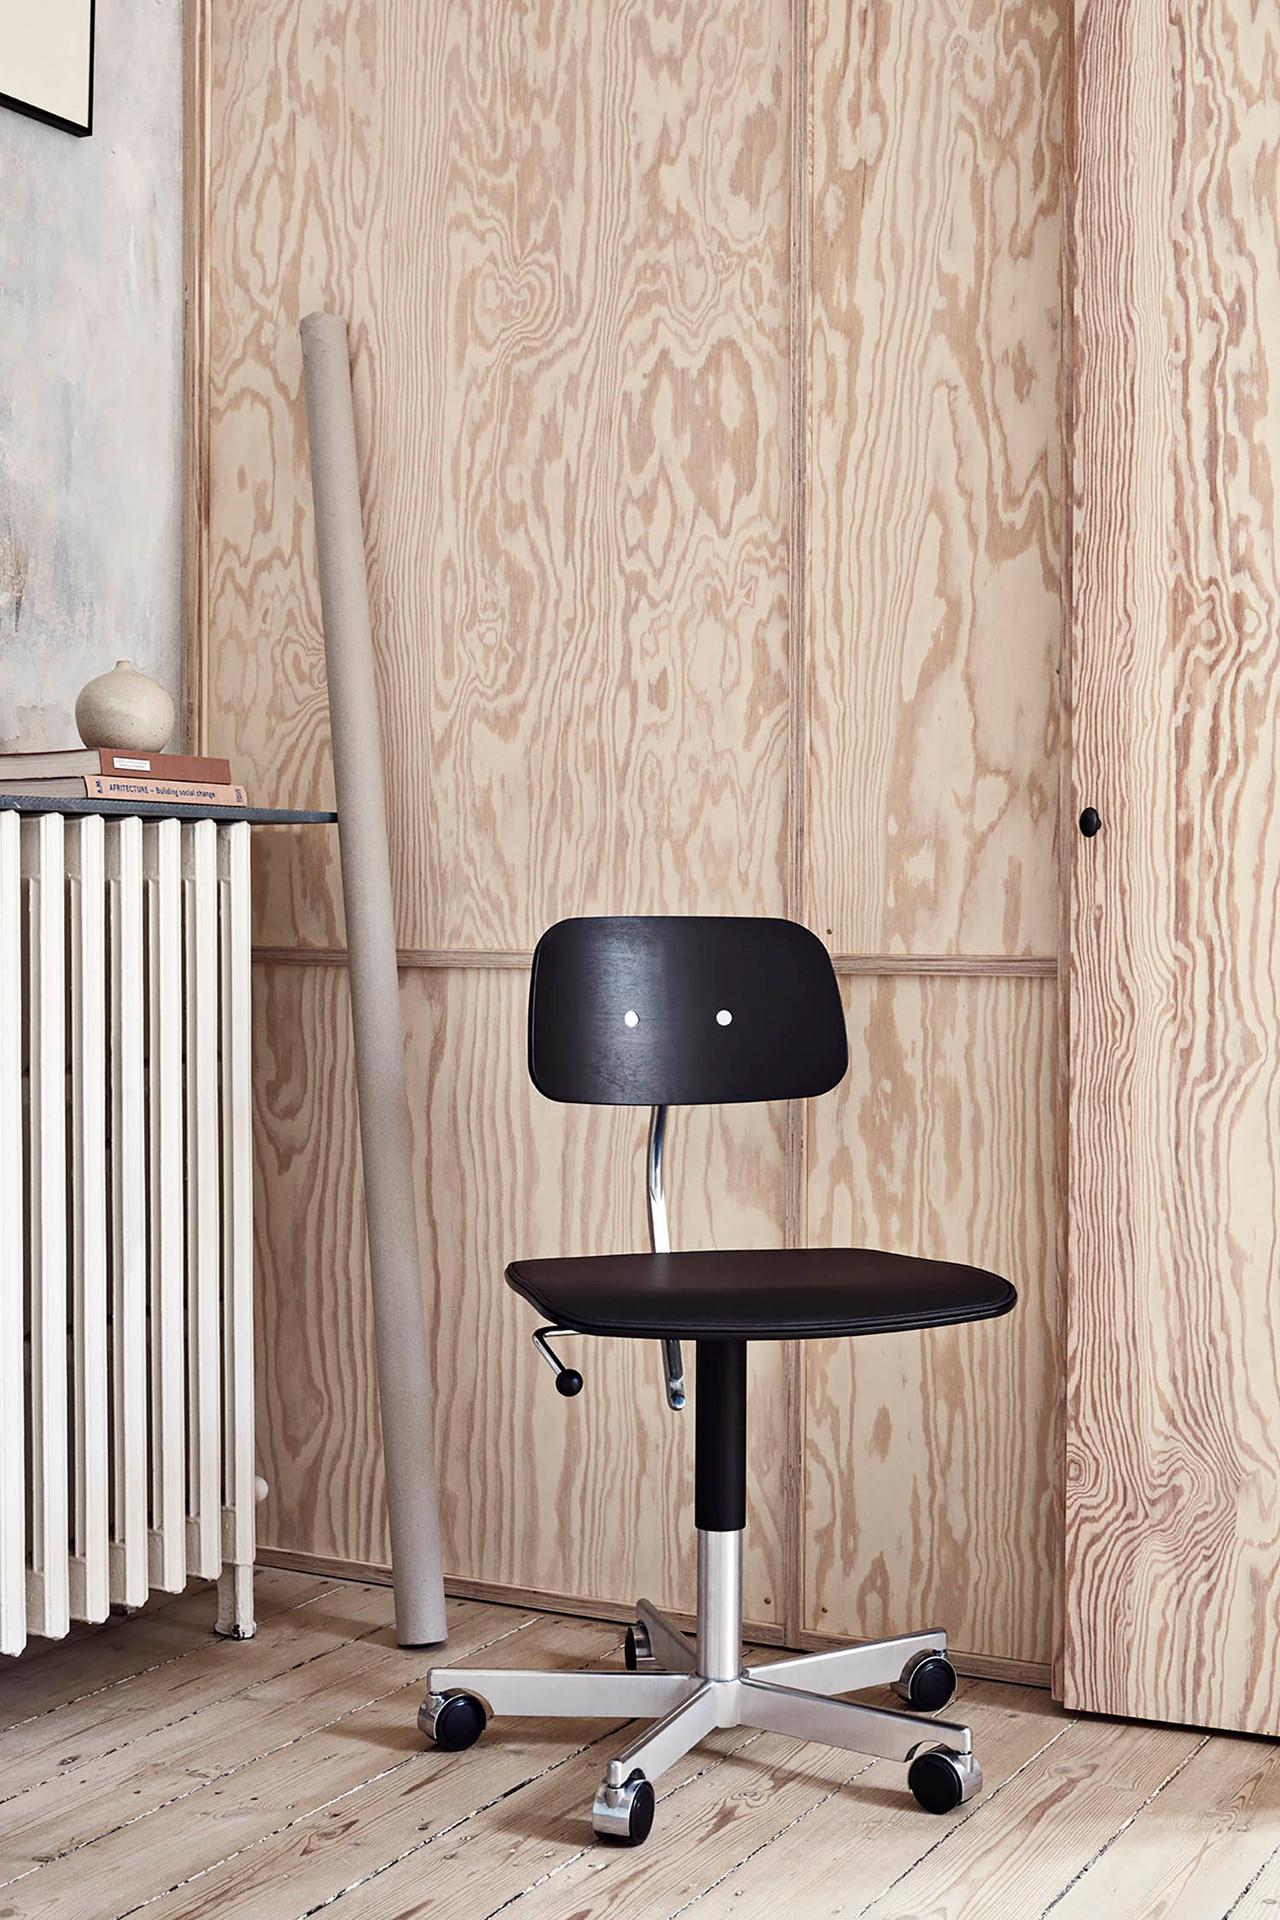 Sort Kevi kontorstol | Køb 2533 stol fra Engelbrechts her